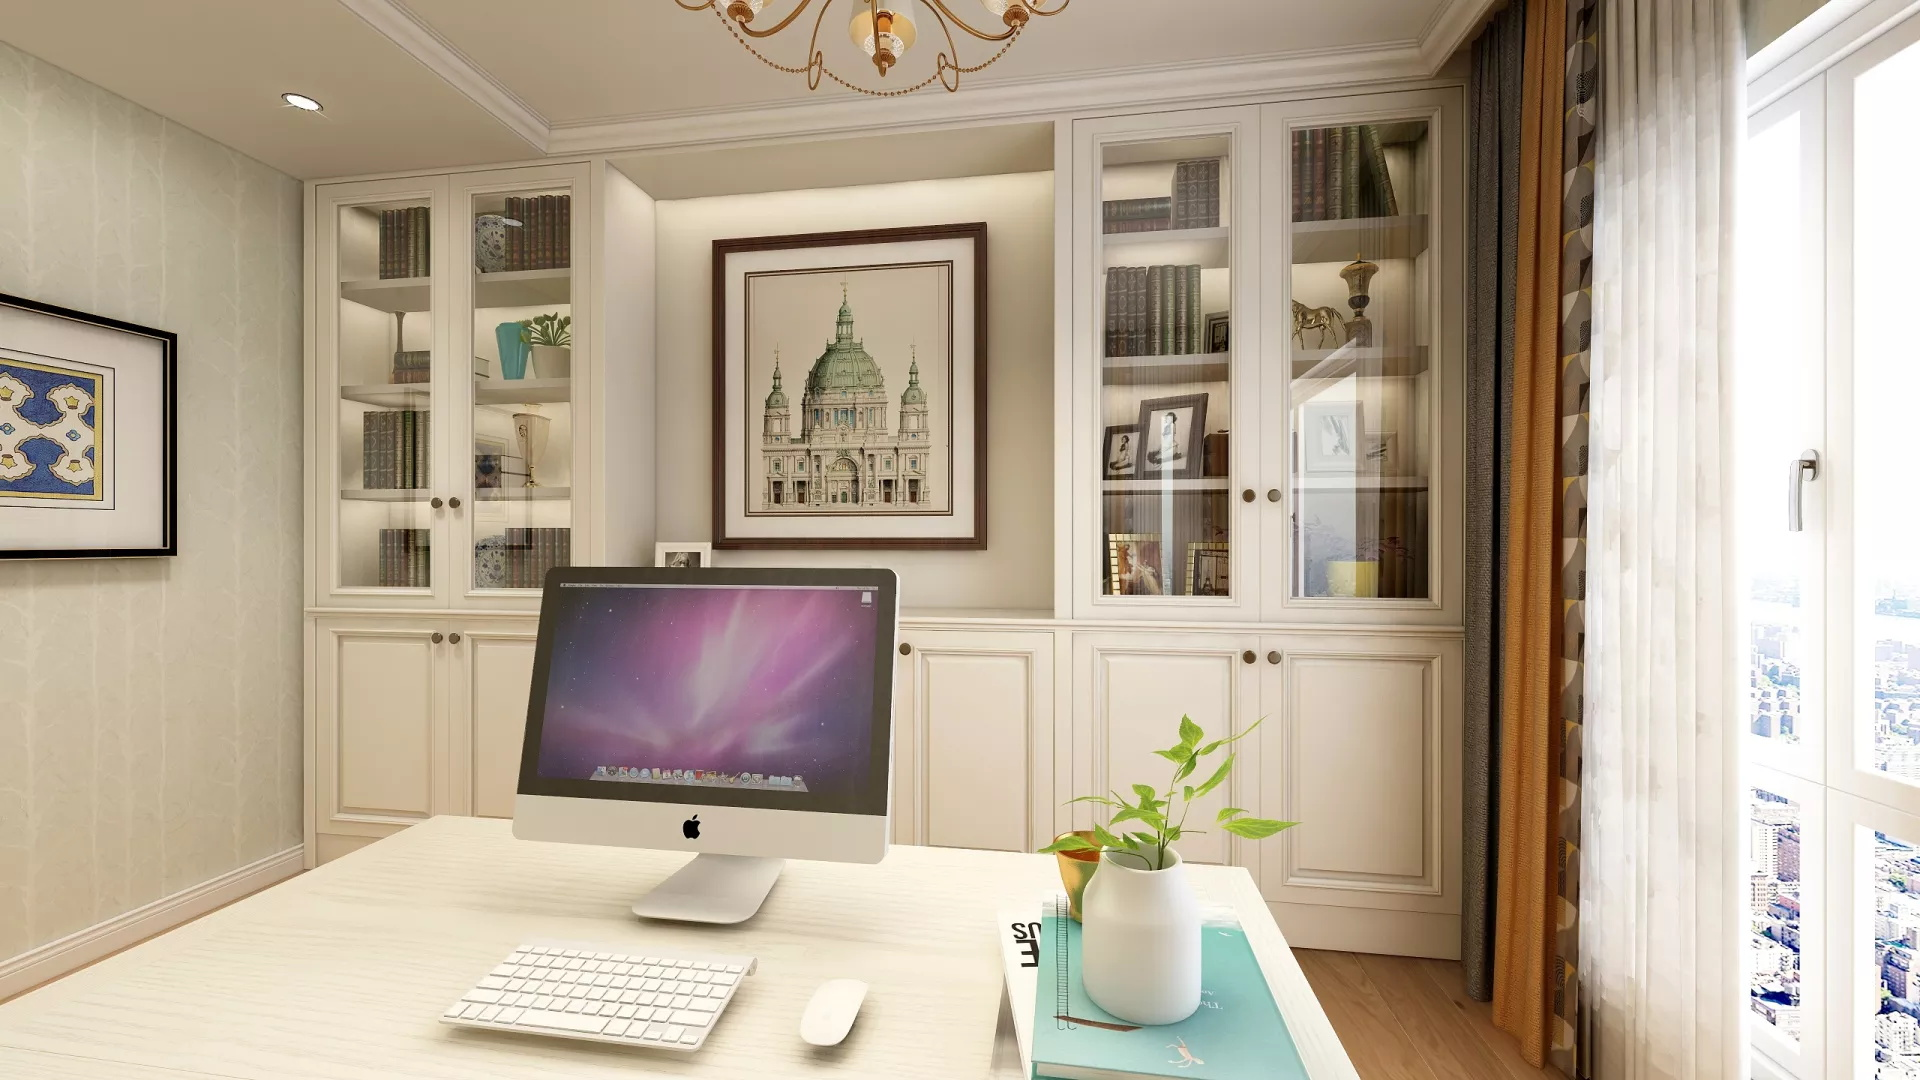 客厅,三居室装修,中式风格,沙发,灯具,茶几,简洁